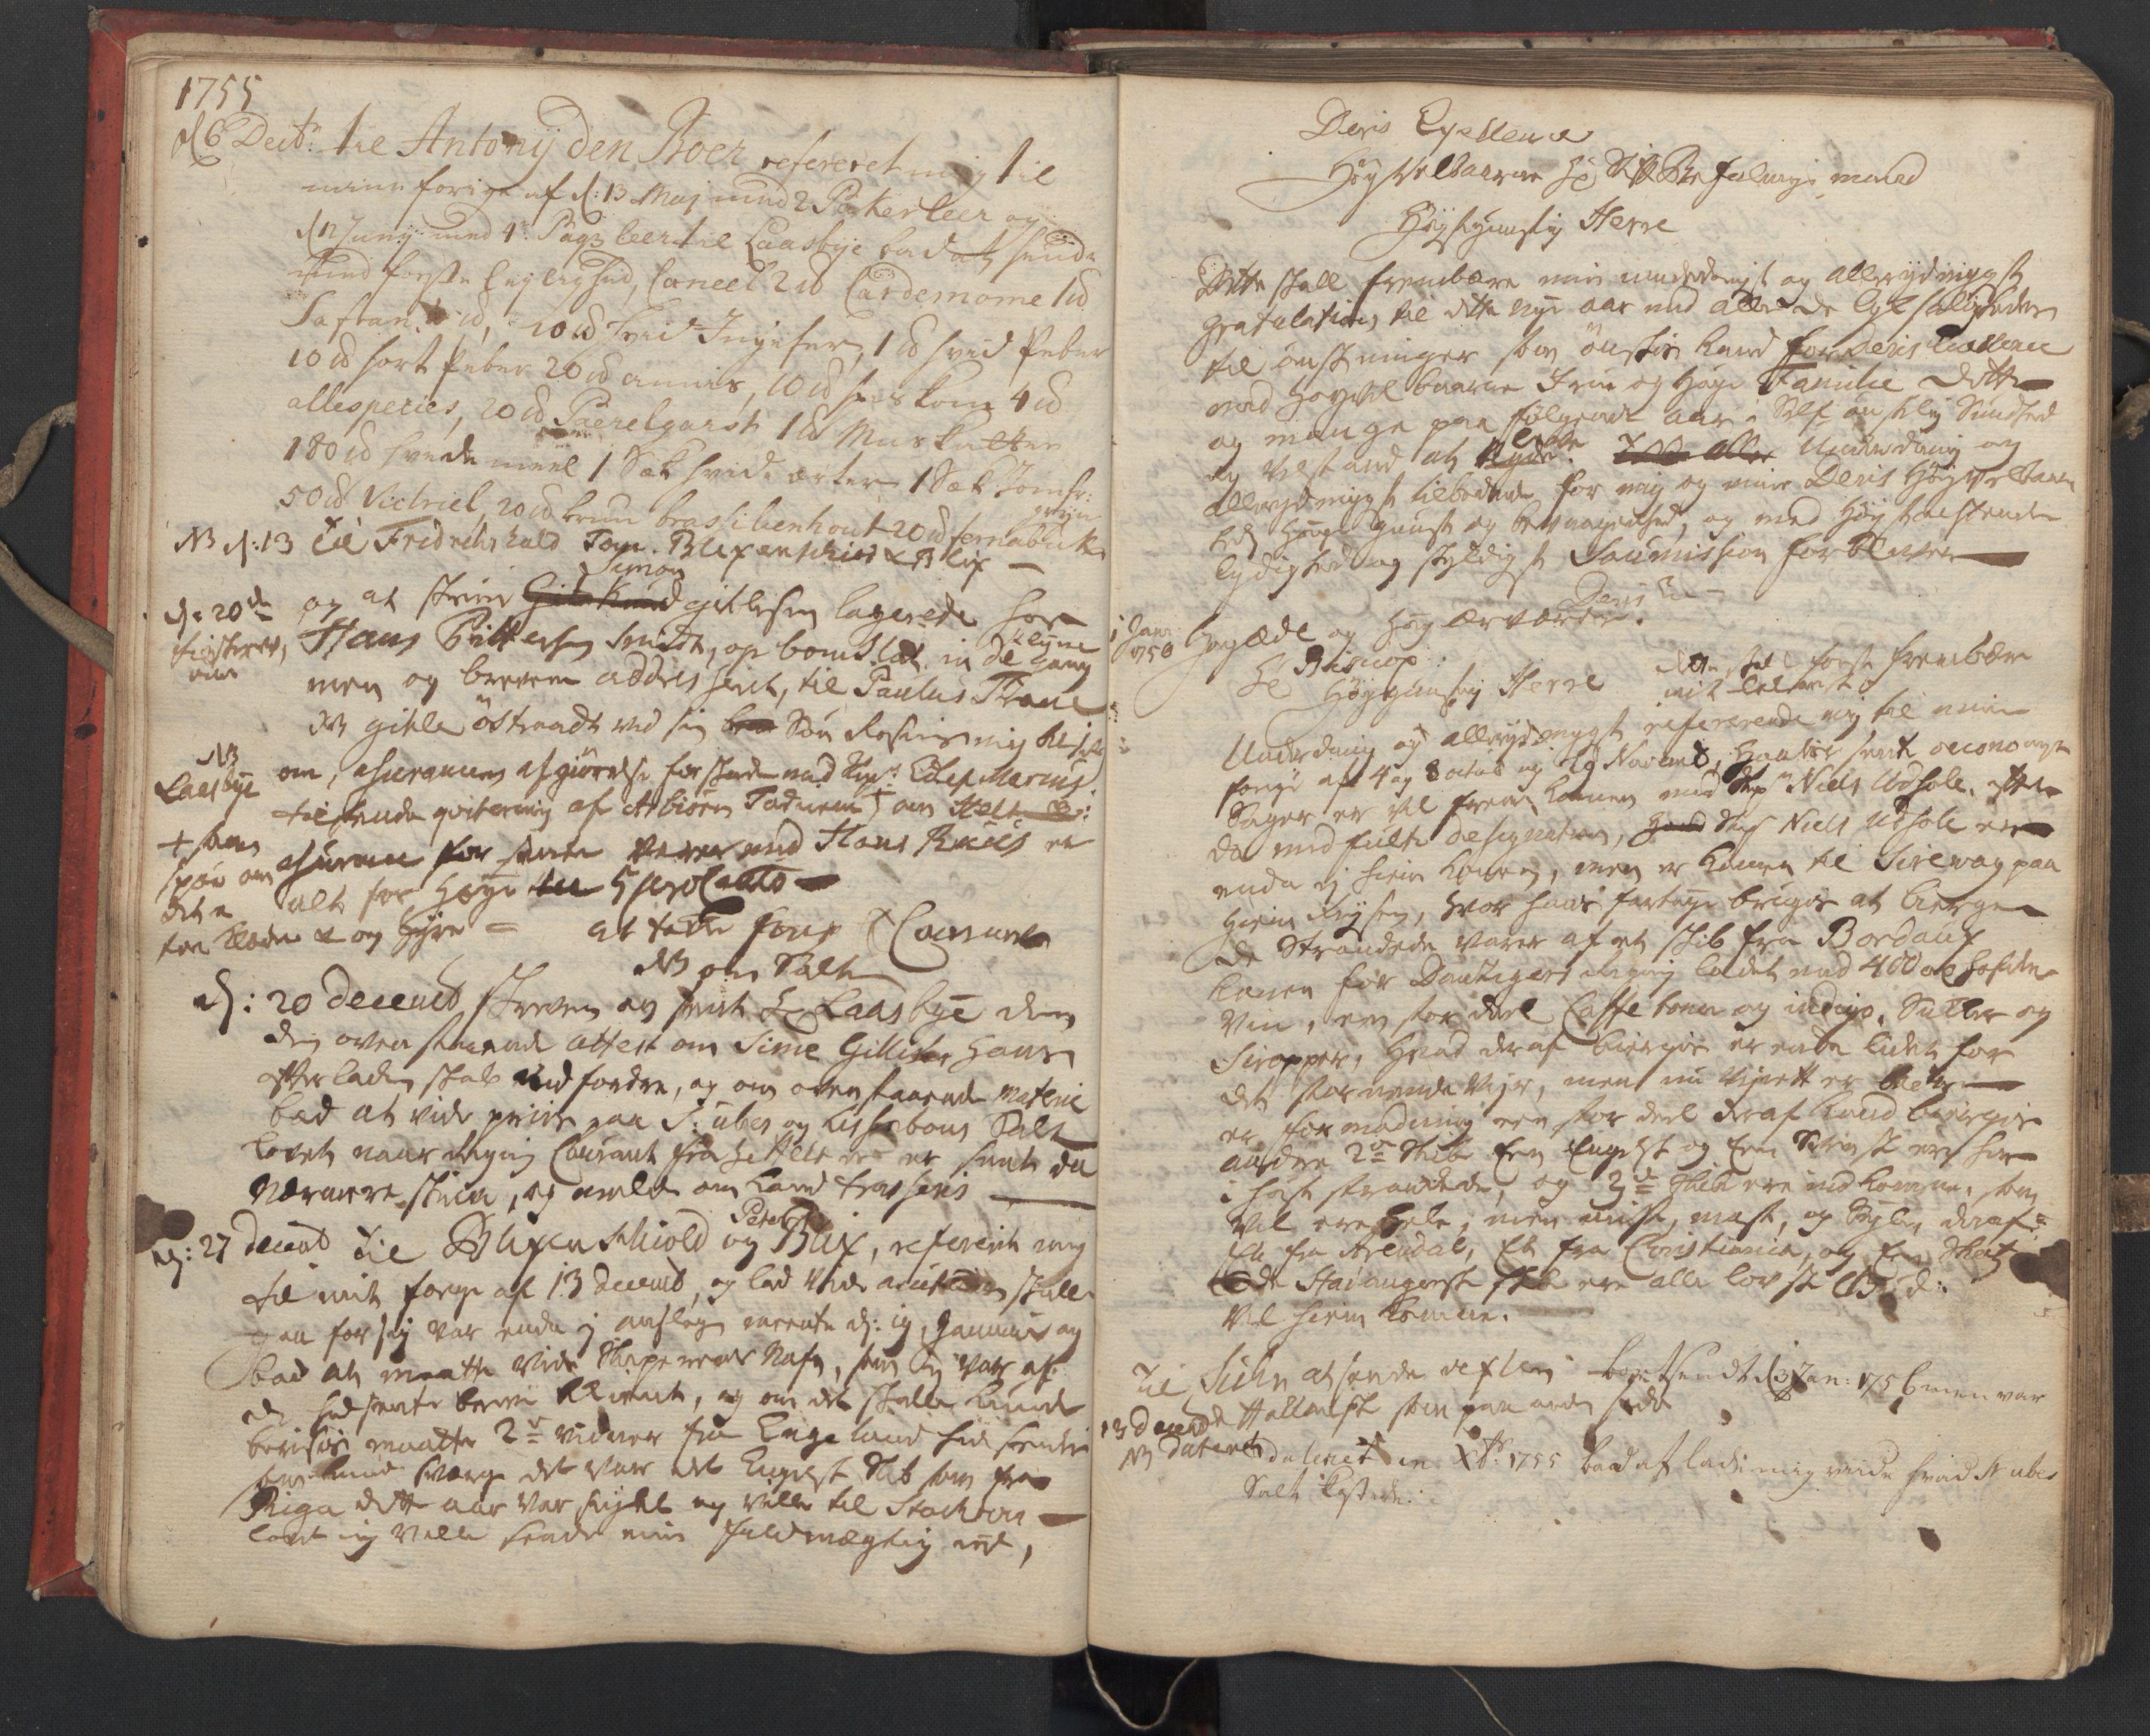 SAST, Pa 0119 - Smith, Lauritz Andersen og Lauritz Lauritzen, O/L0002: Kopibok, 1755-1766, s. 16